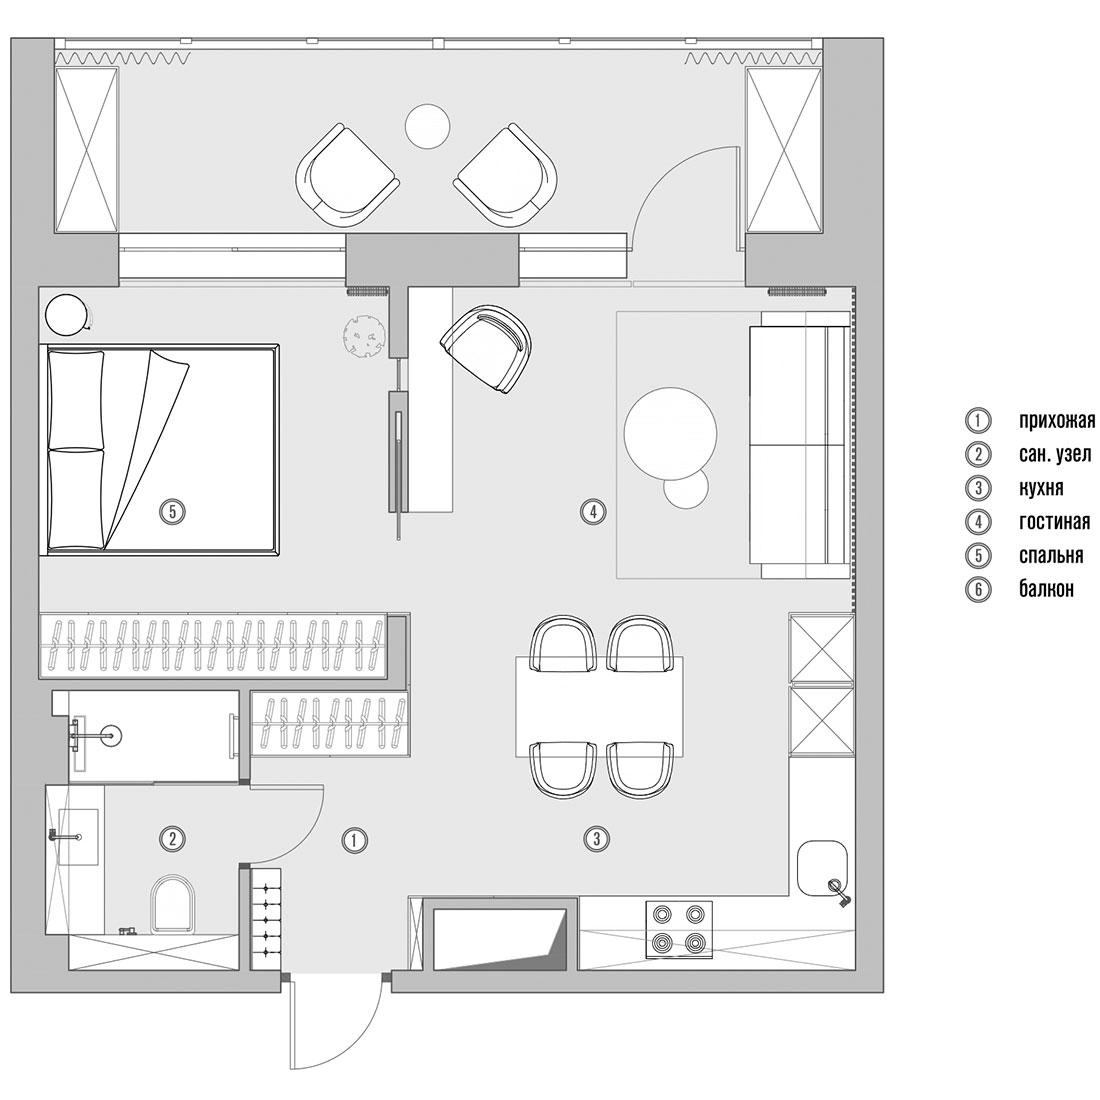 Планировка квартиры 43 кв. метра фото